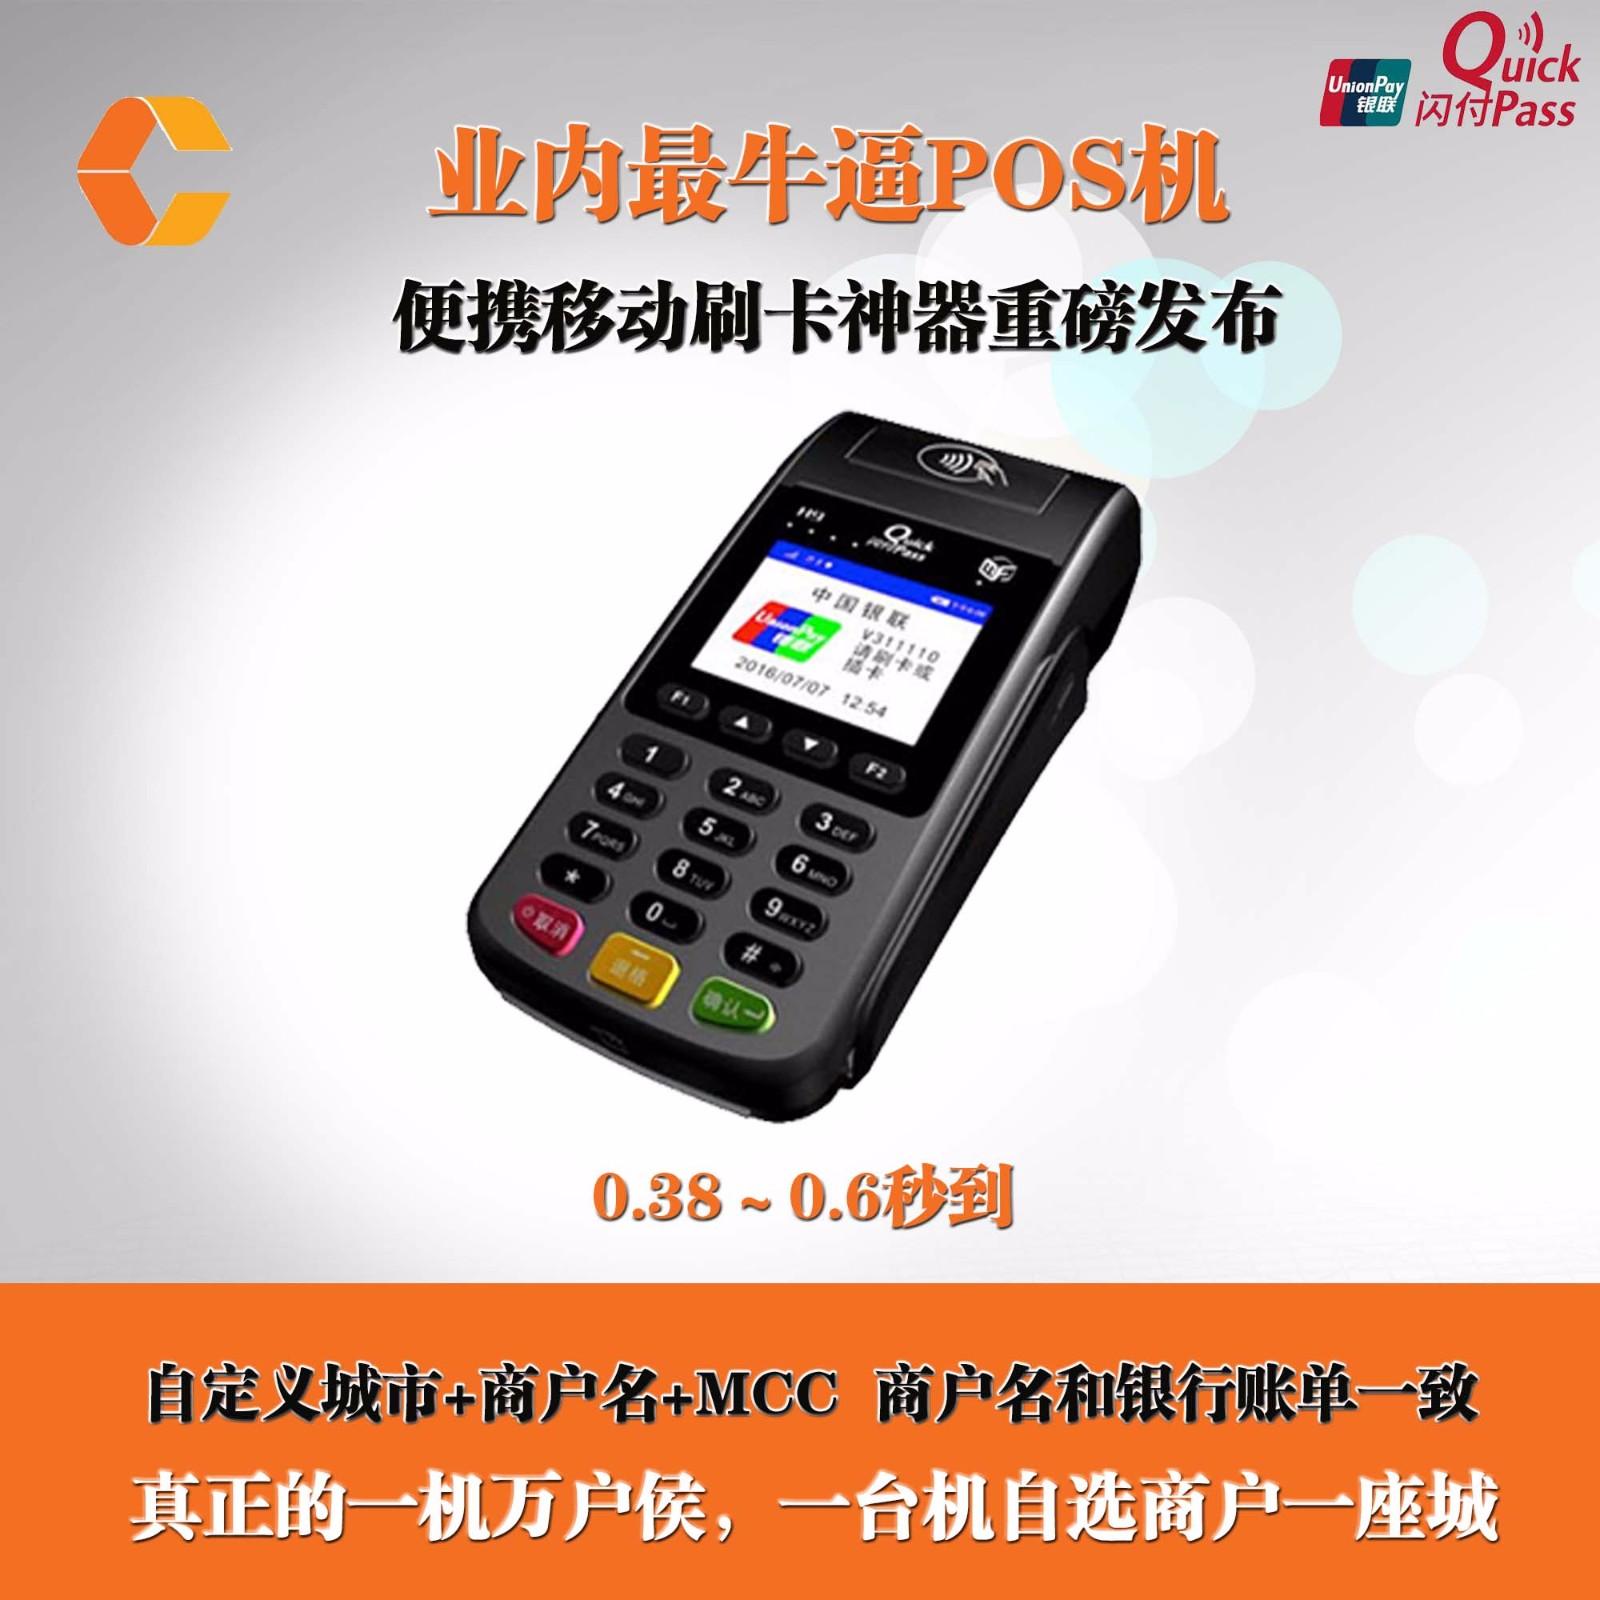 深圳个人pos机手续费/银联pos机十大品牌/广州星润科技有限公司